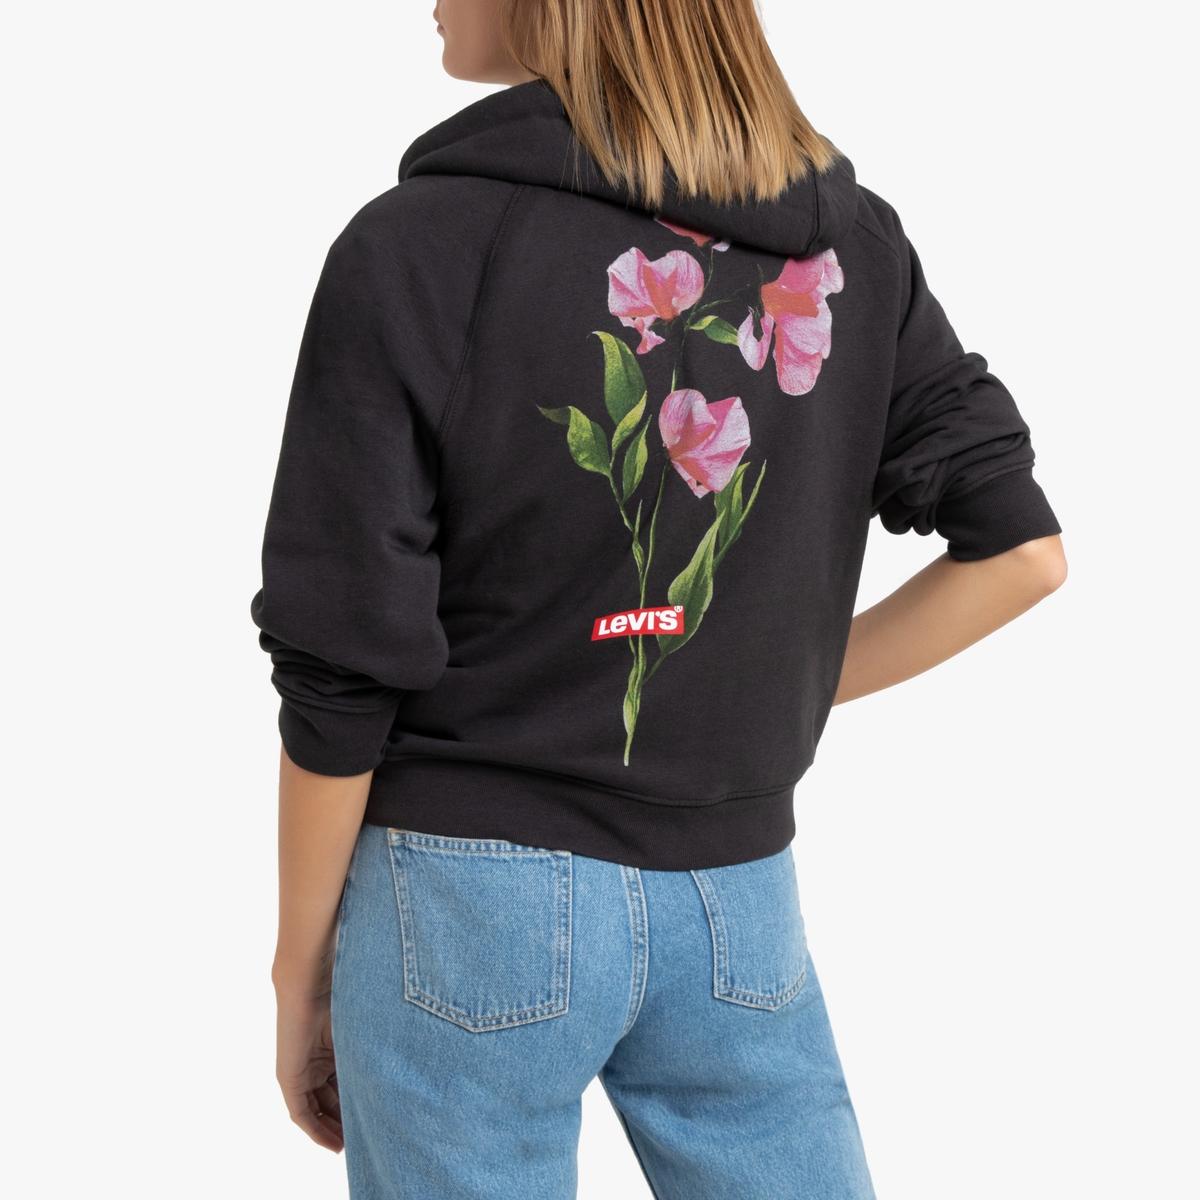 Sudadera con cremallera y capucha, motivo de flores